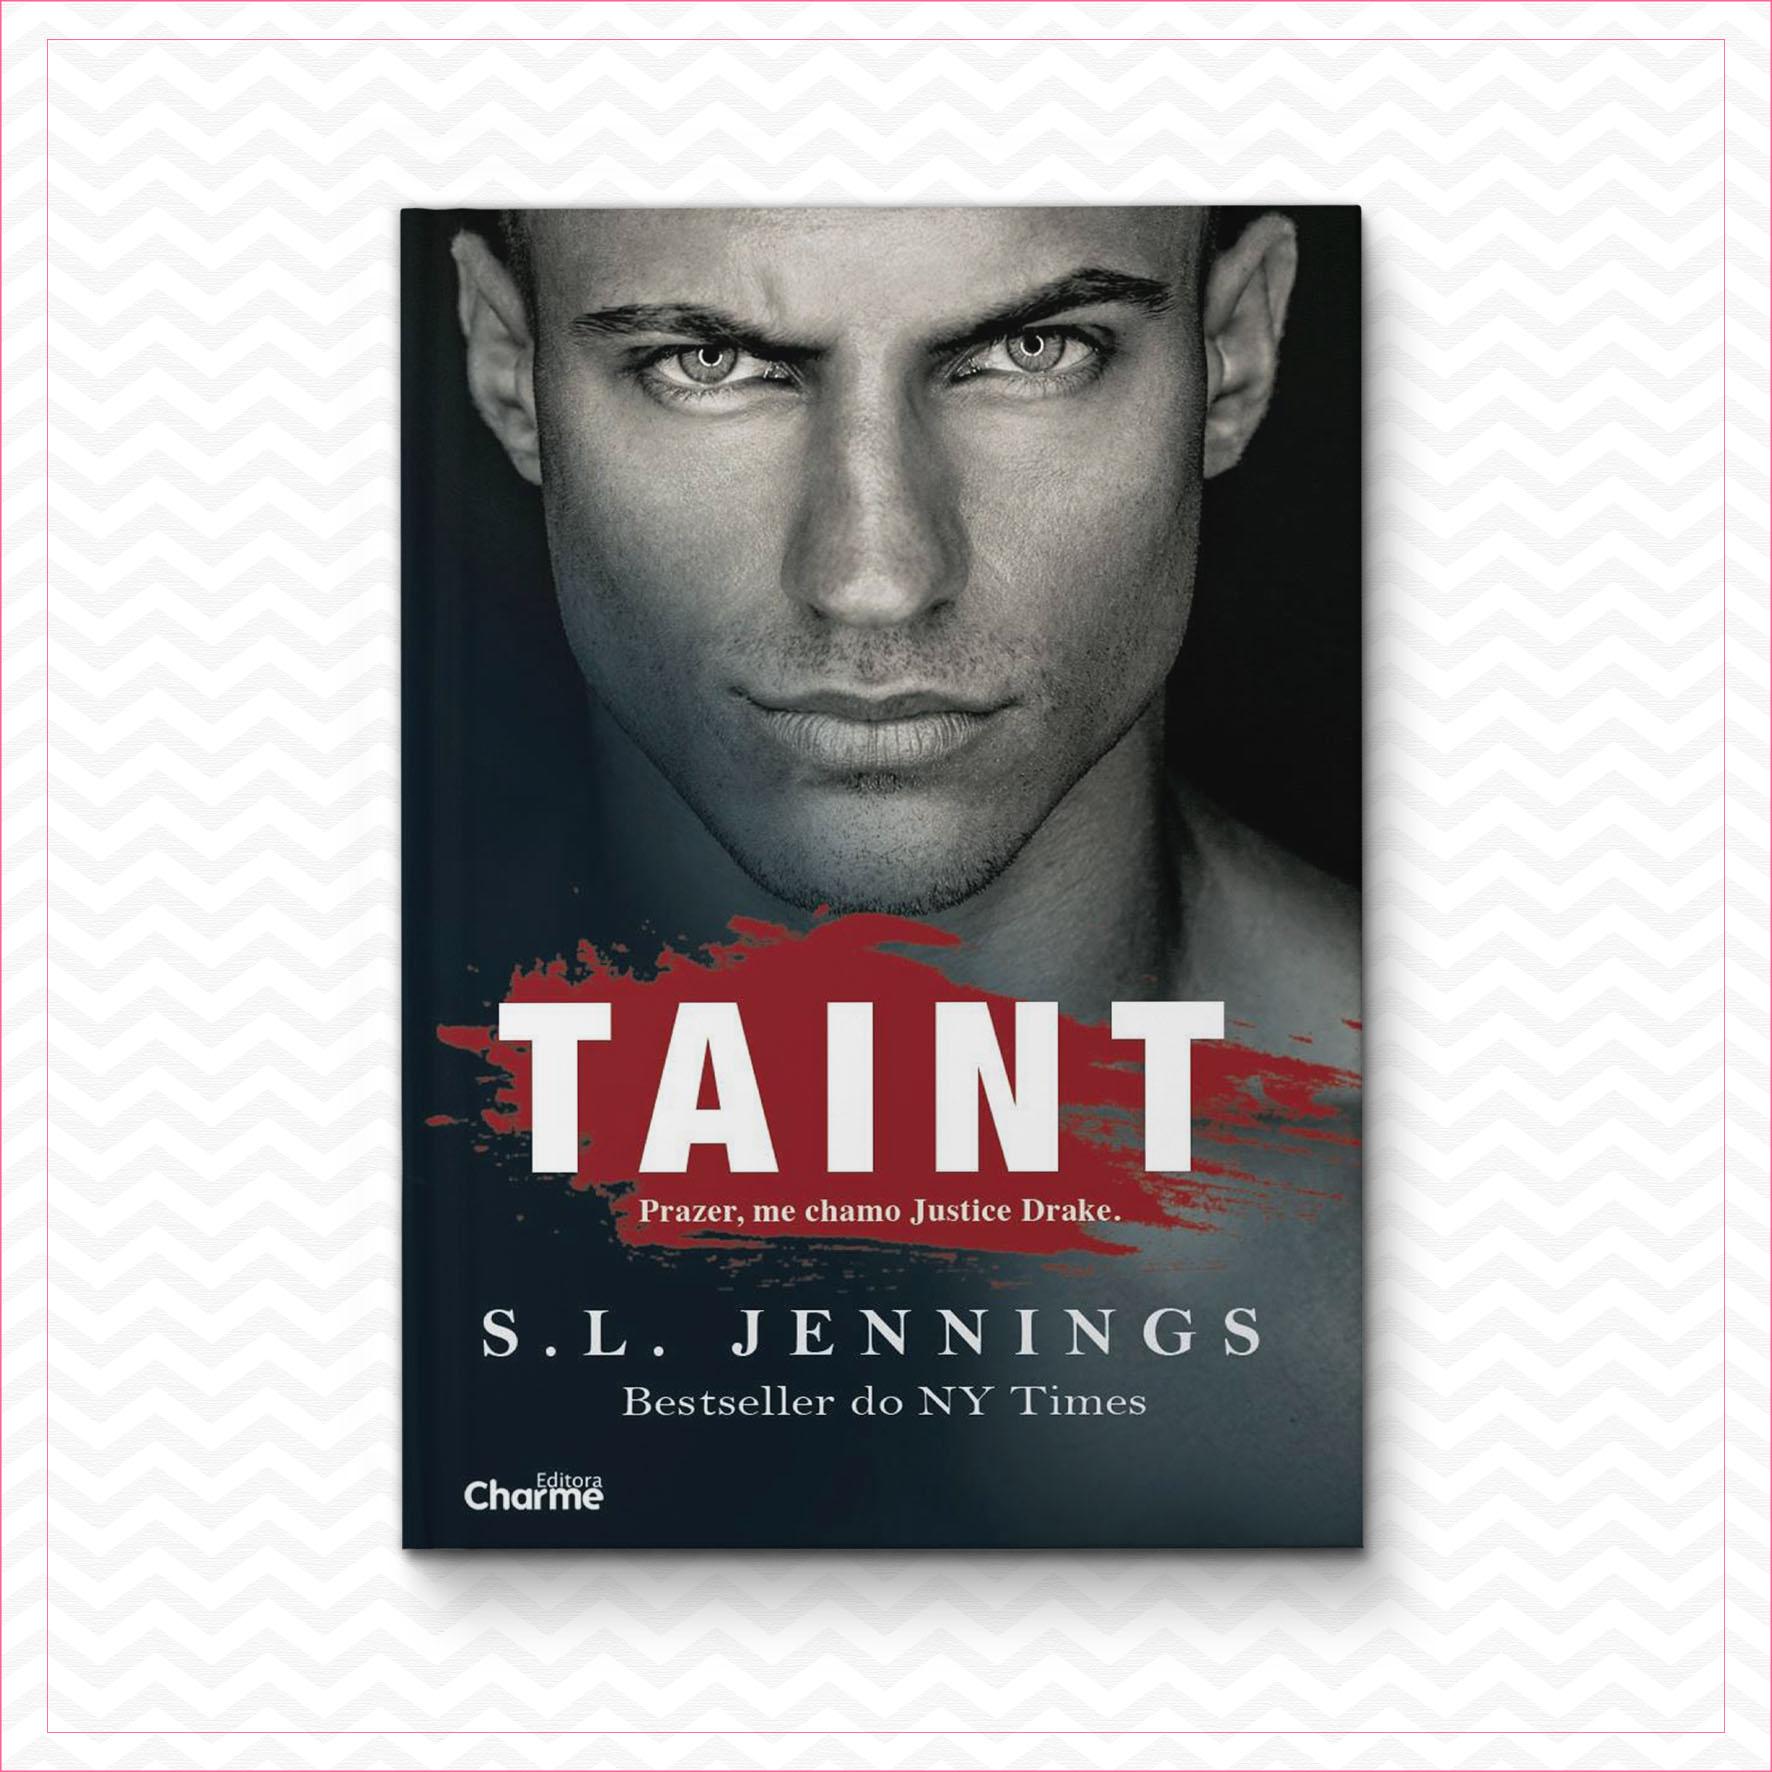 TAINT – Prazer, me chamo Justice Drake – S. L. Jennings